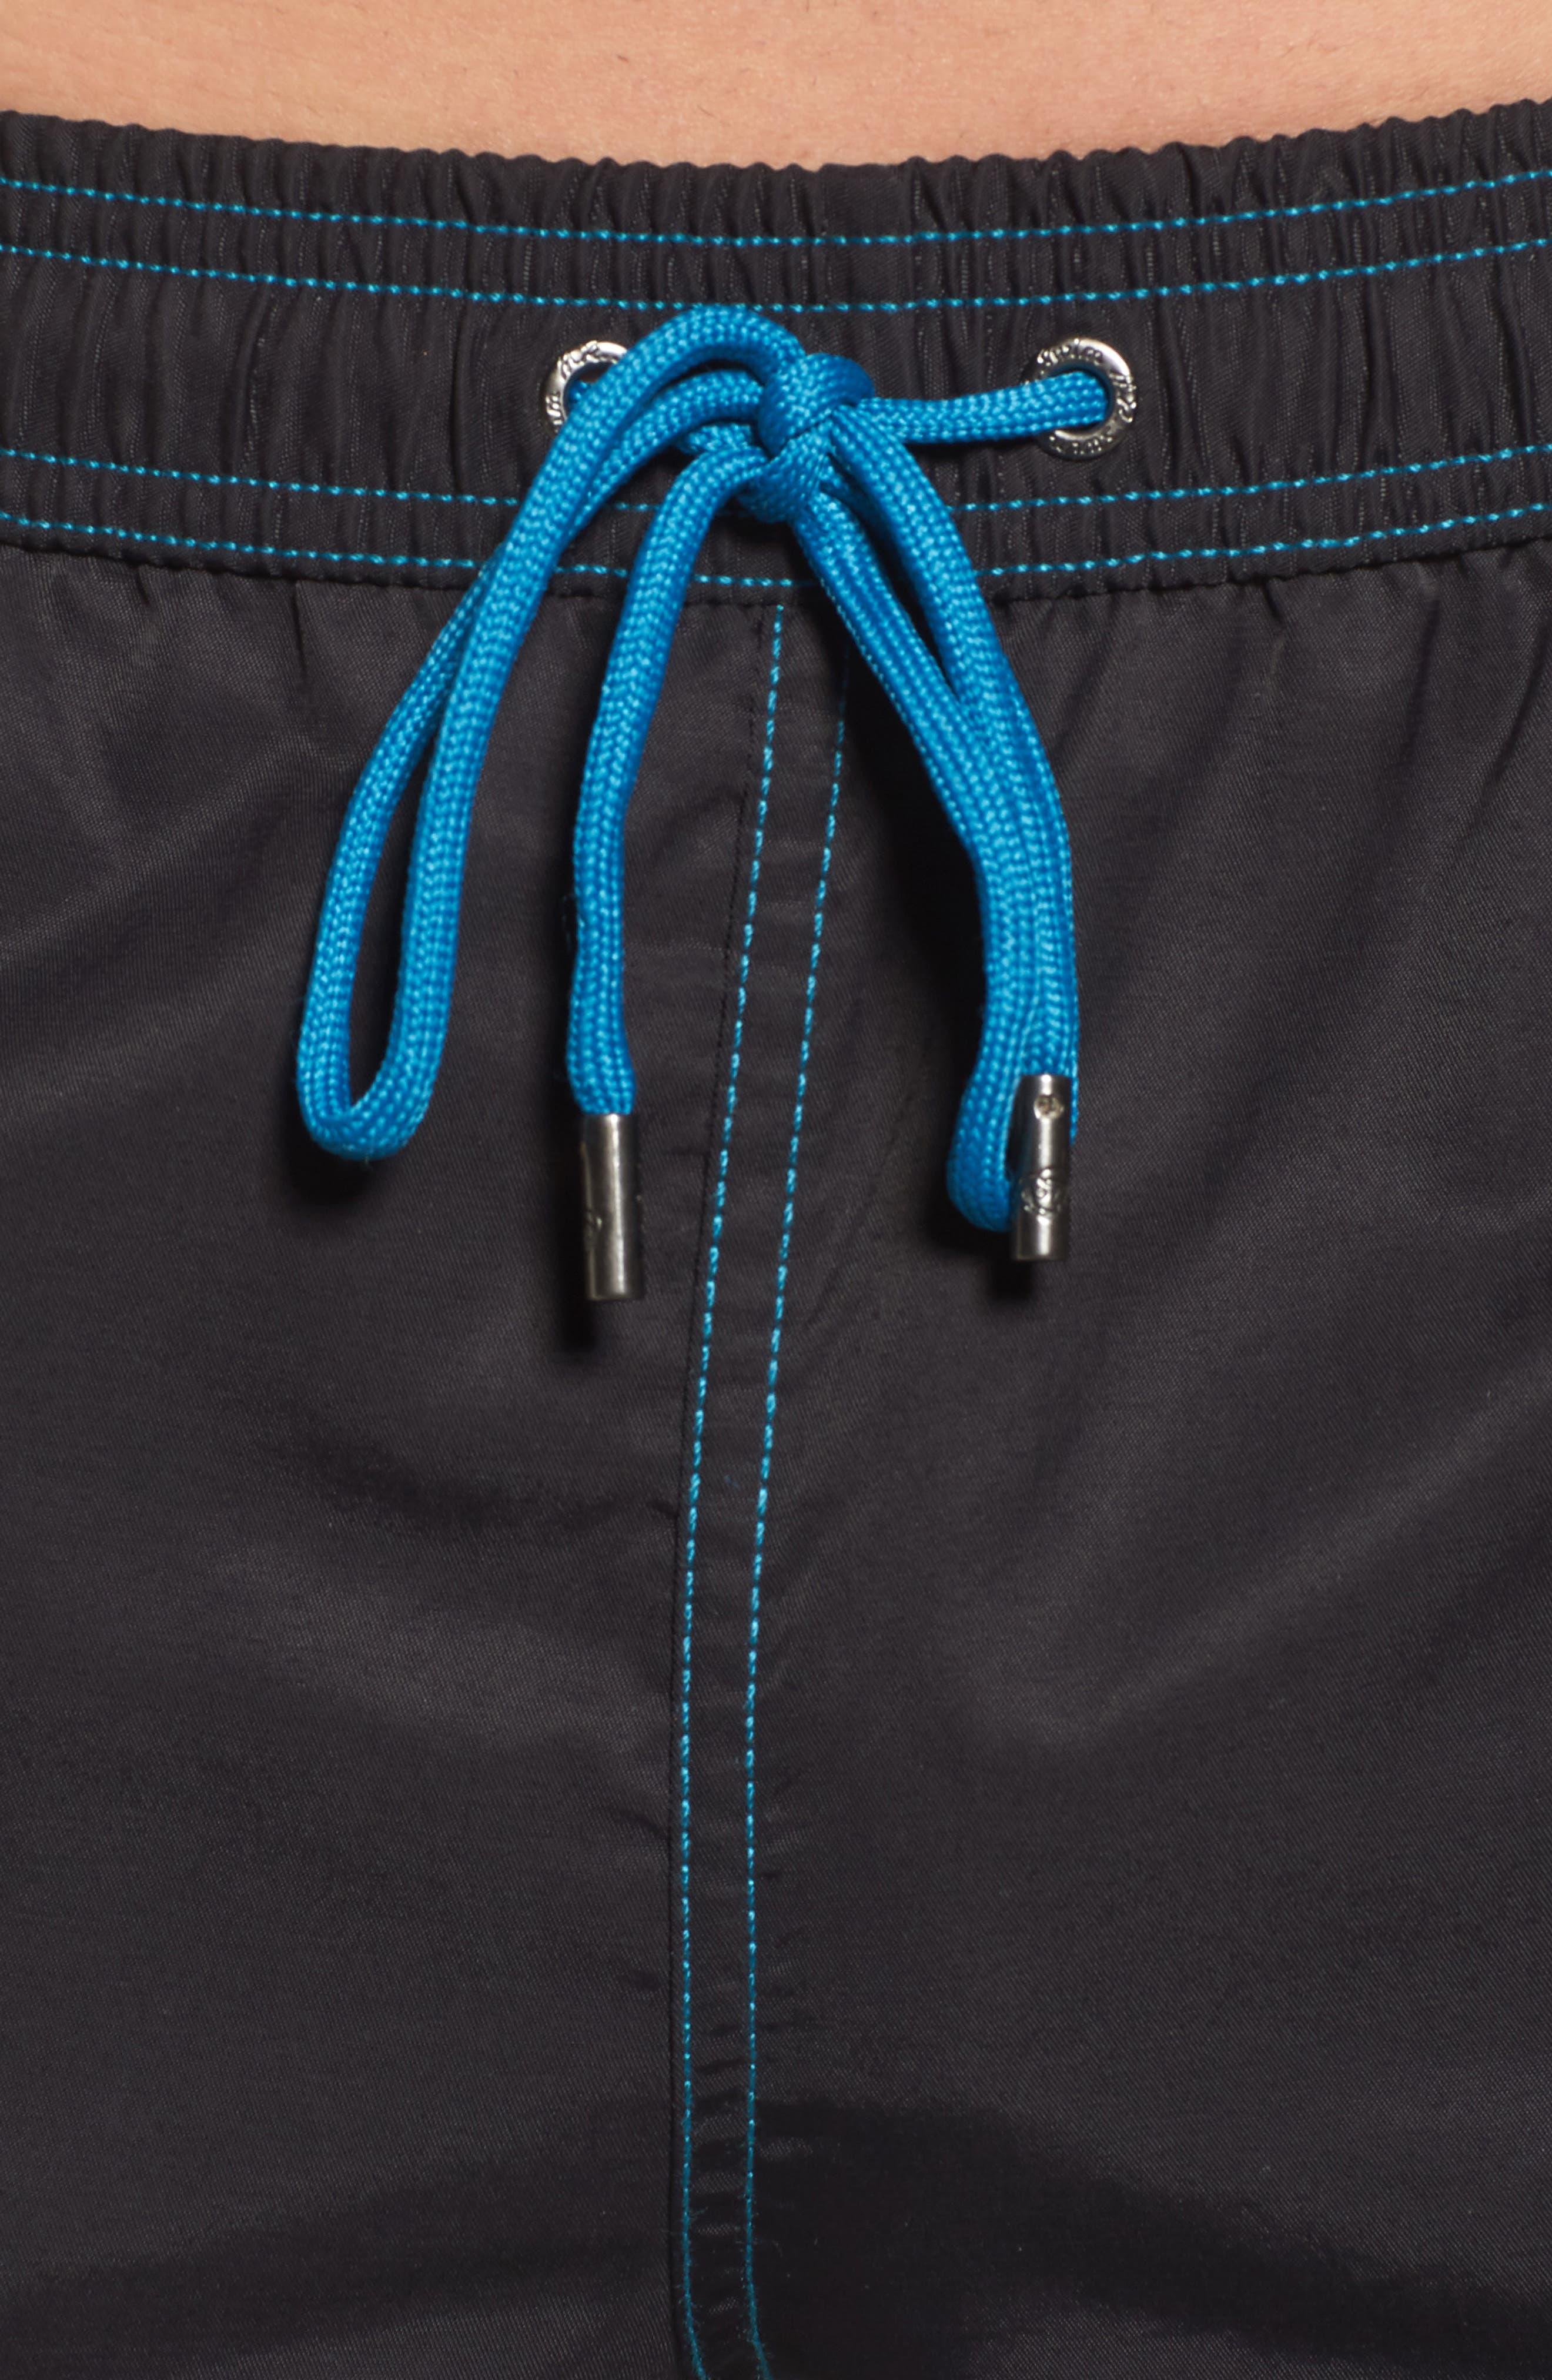 Mr. Swim Colorblock Print Swim Trunks,                             Alternate thumbnail 4, color,                             BLACK